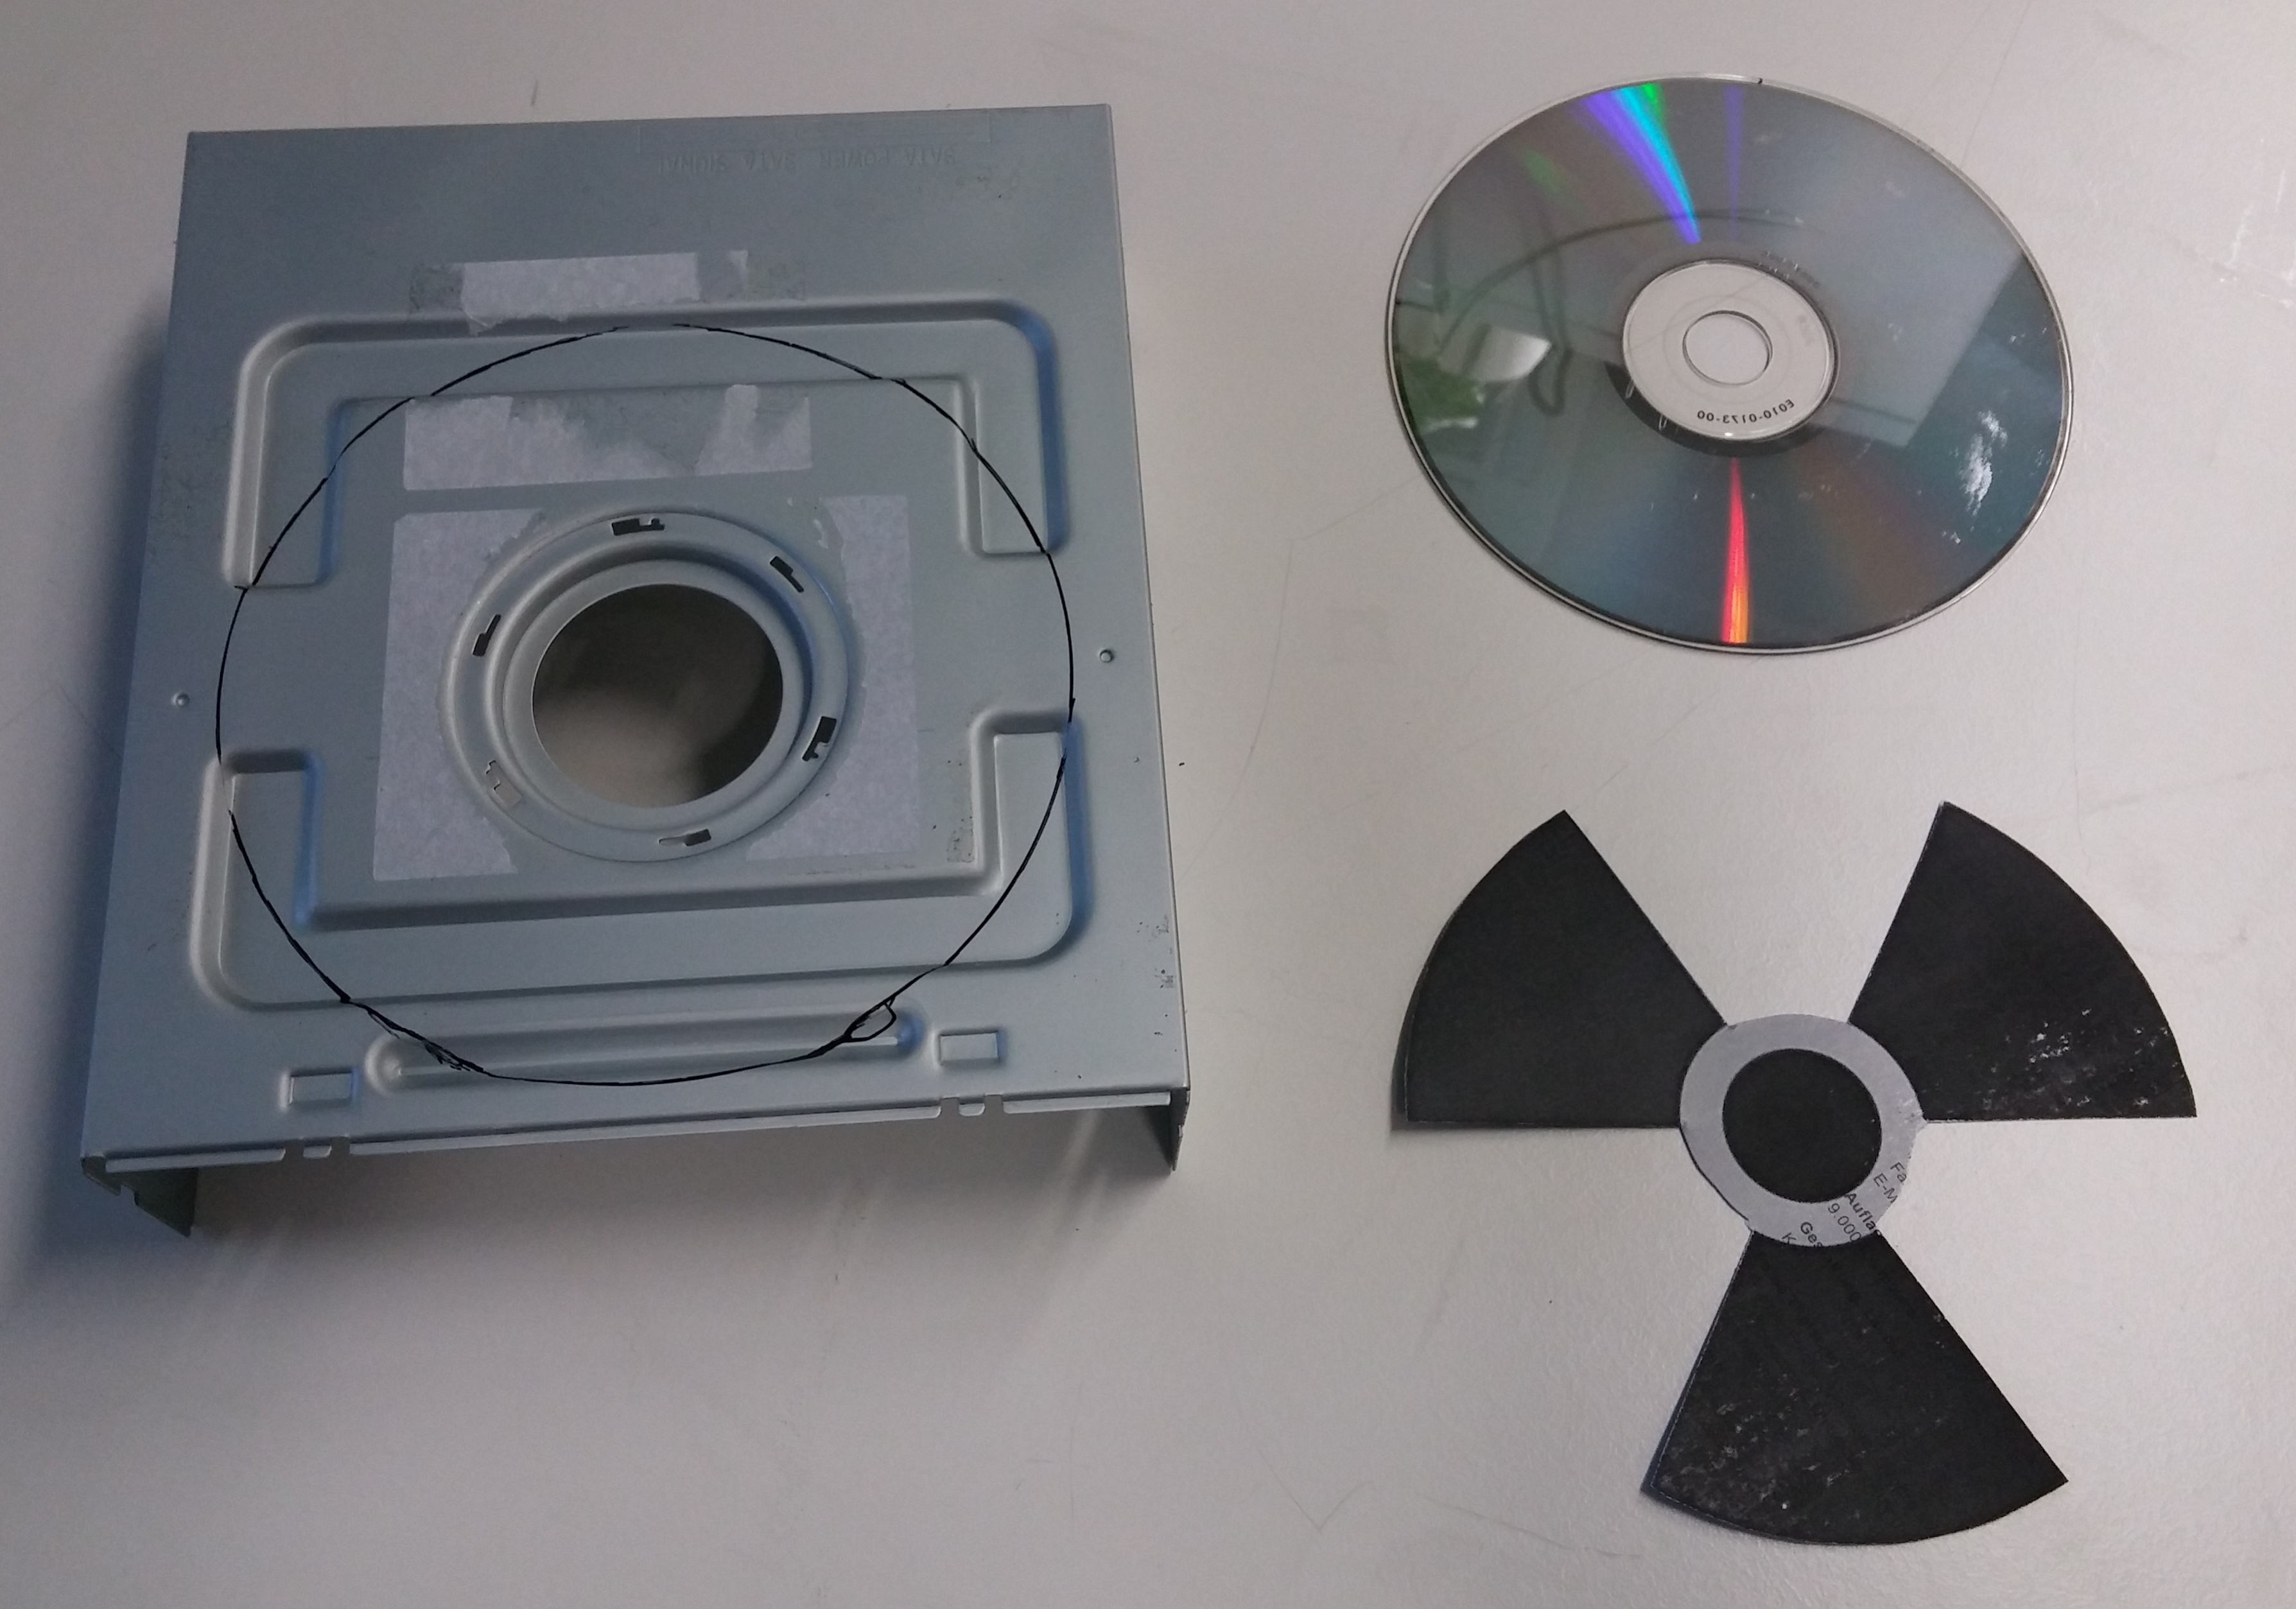 Klicken Sie auf die Grafik für eine größere Ansicht  Name:DVD3.jpg Hits:1412 Größe:1,51 MB ID:926136